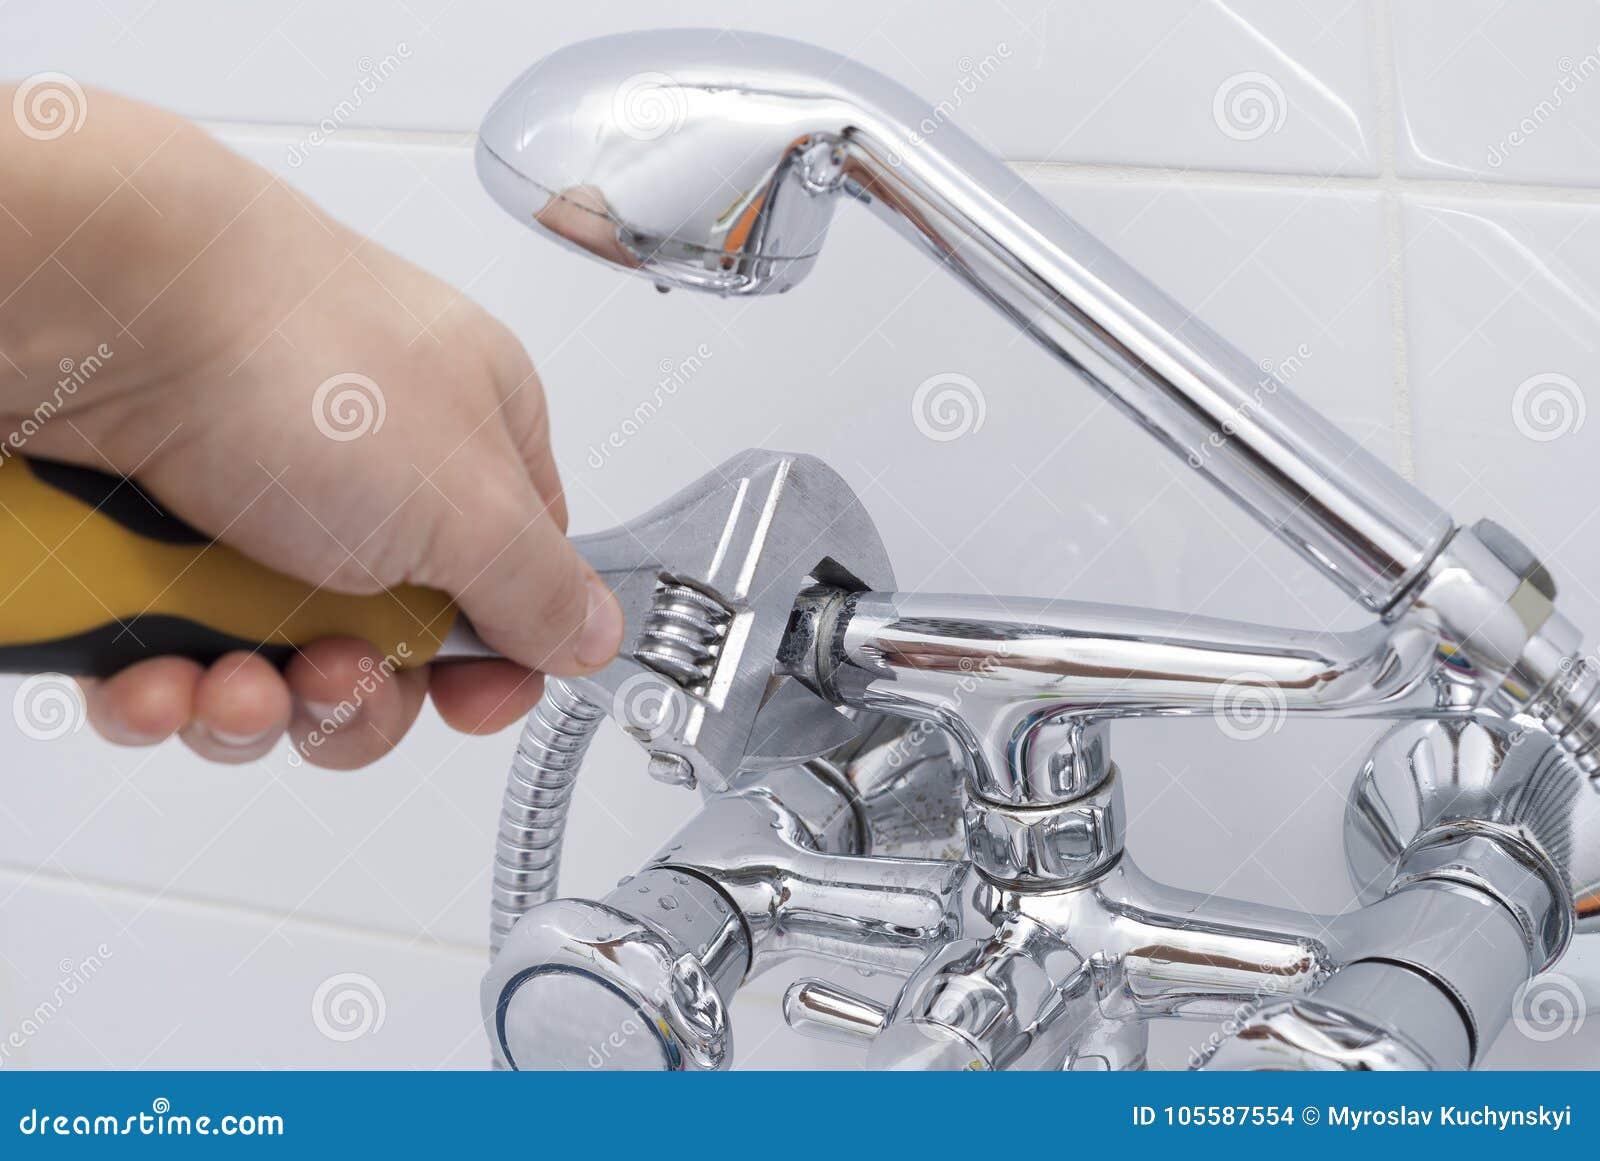 Χέρι και γαλλικό κλειδί